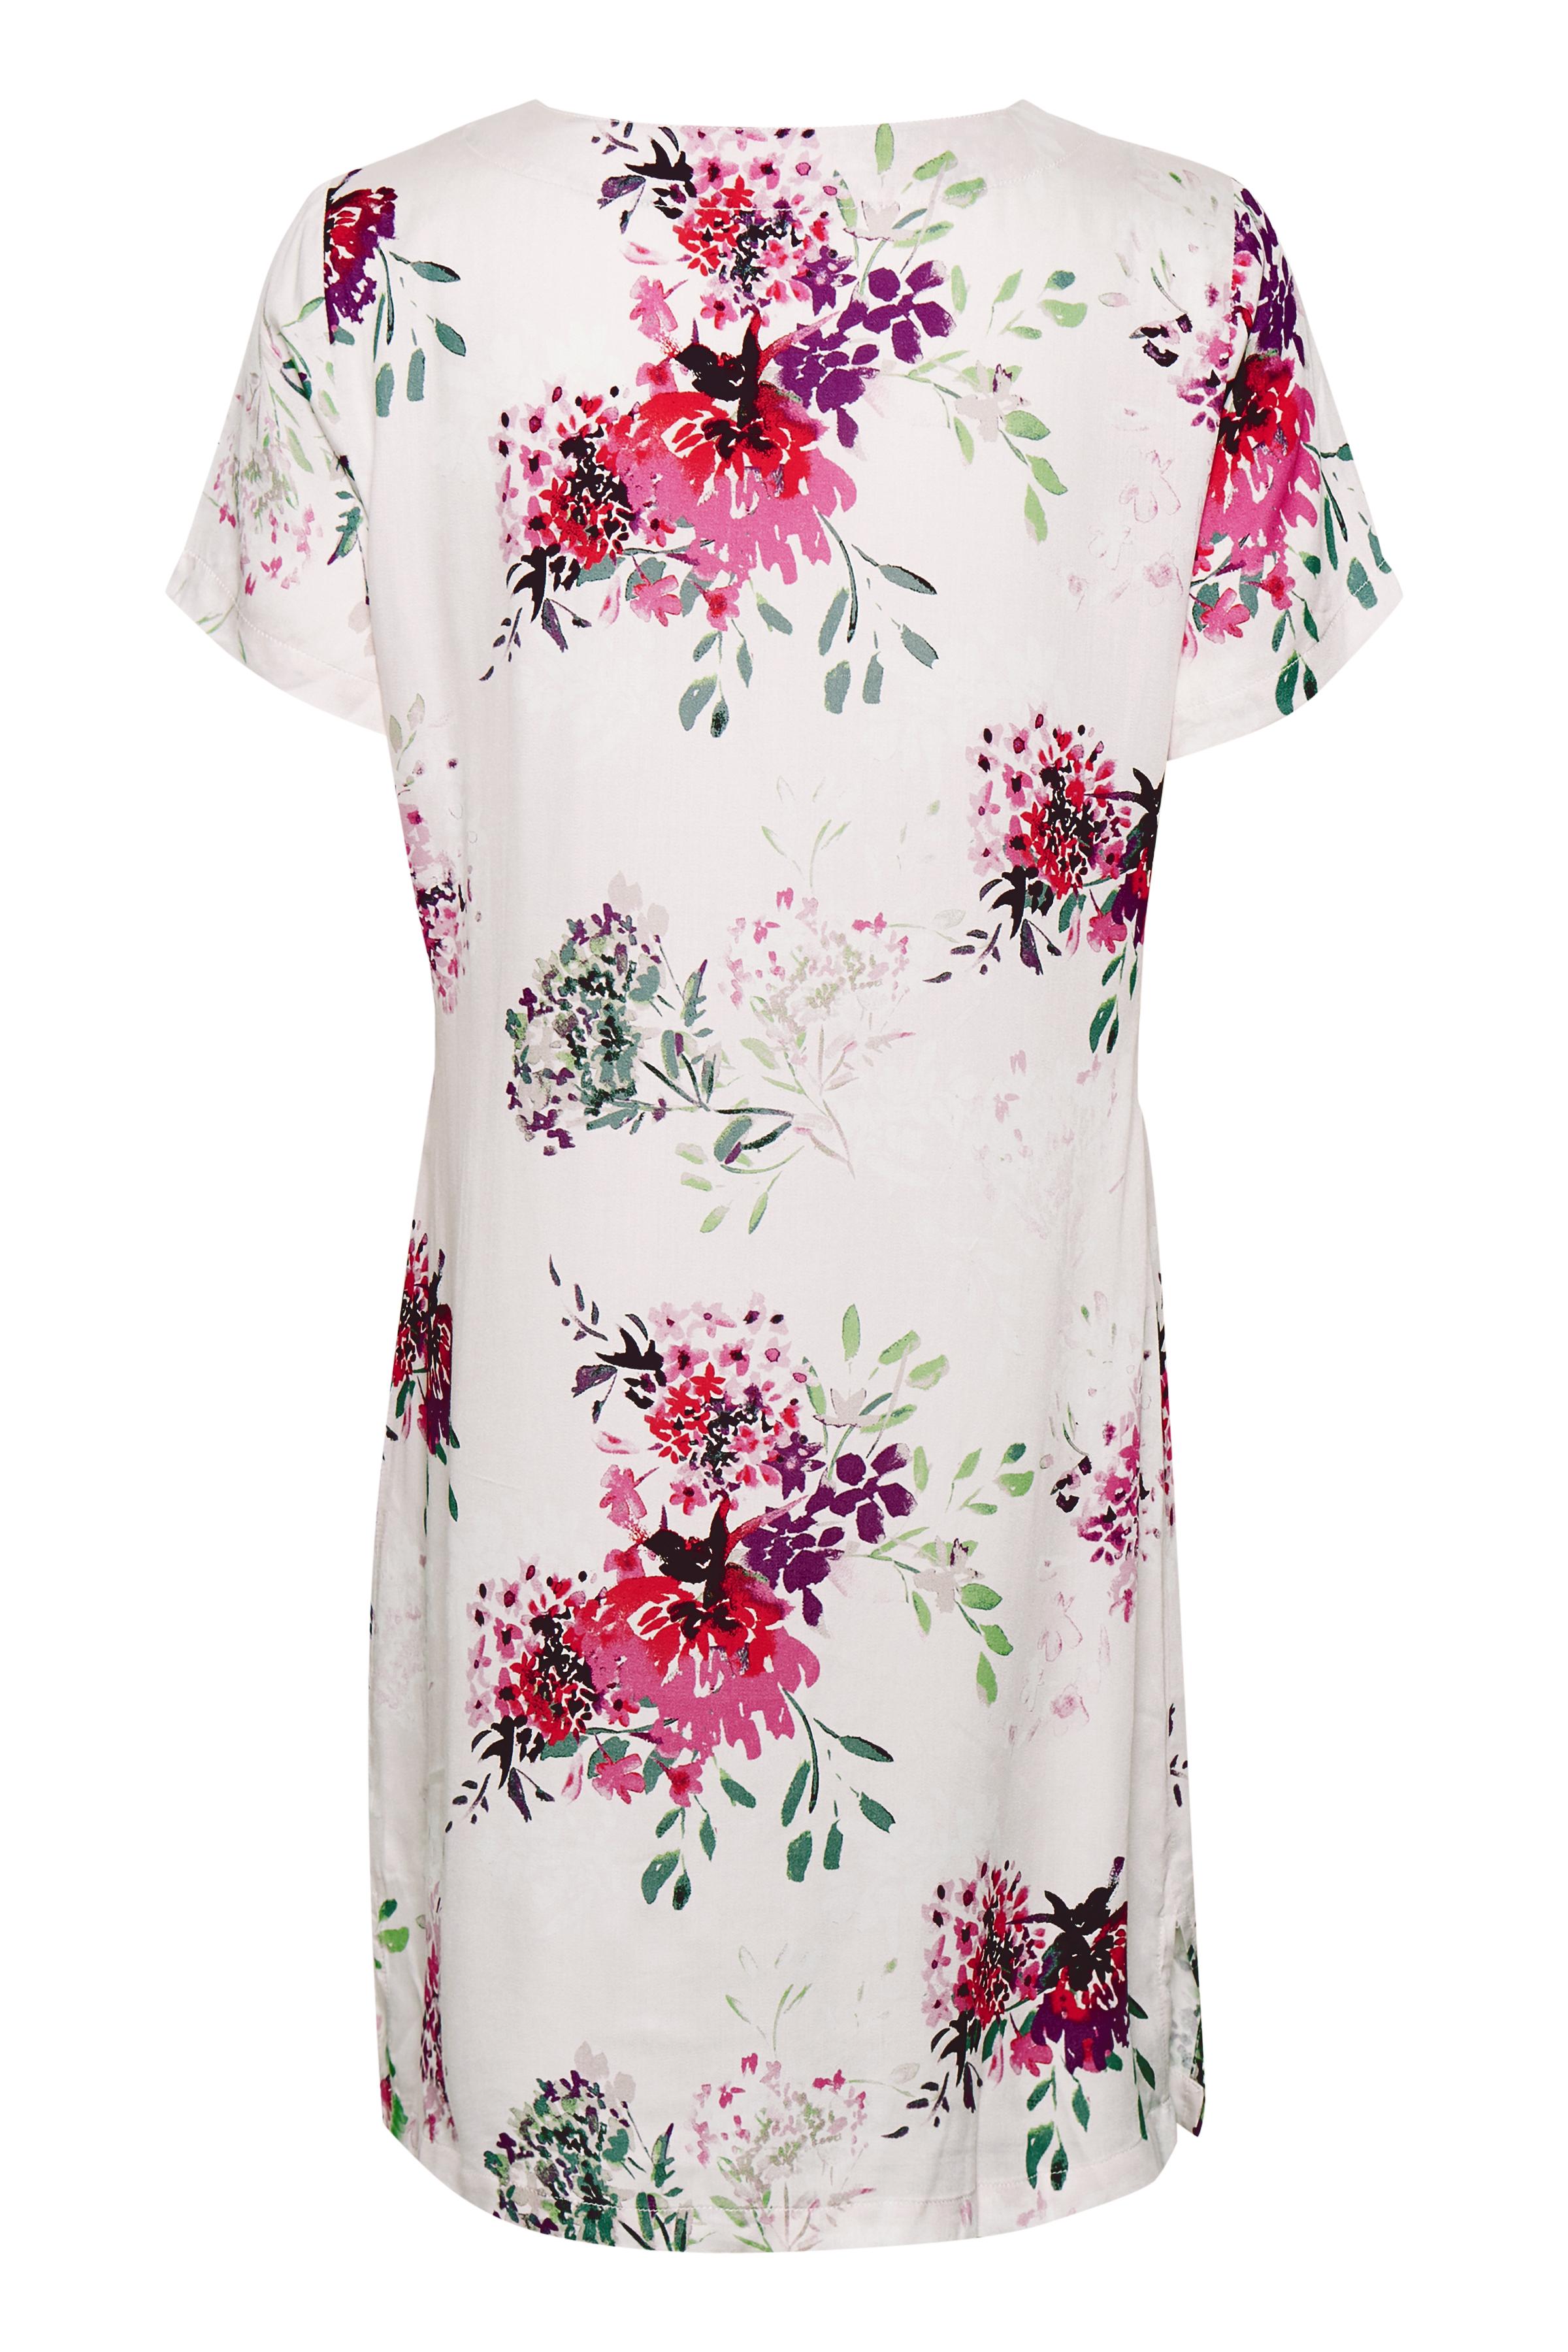 Wollweiß/rosa Tunika von Bon'A Parte – Shoppen Sie Wollweiß/rosa Tunika ab Gr. S-2XL hier